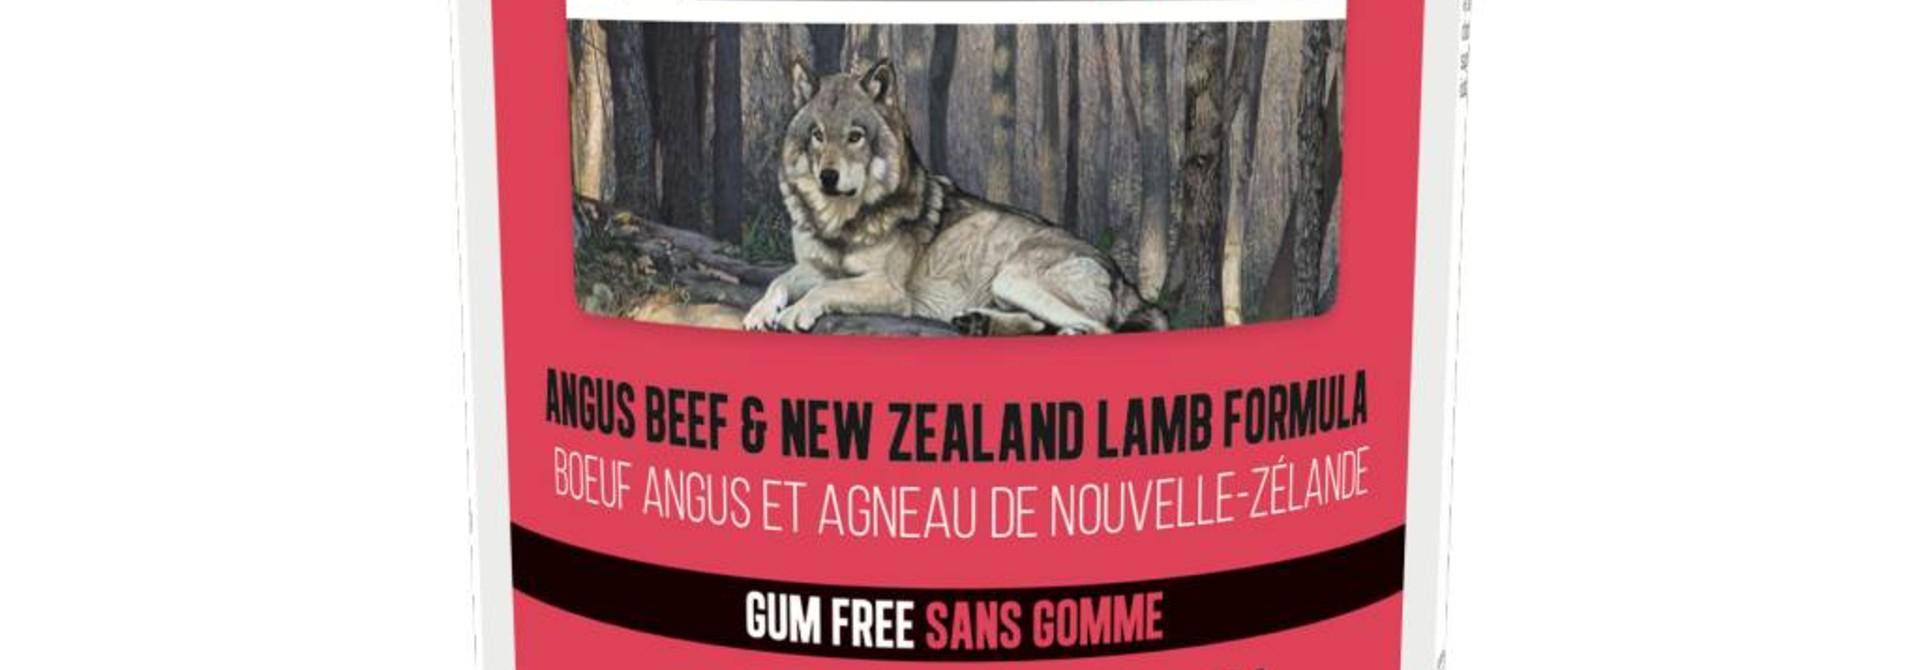 Boreal Dog Angus Beef & New Zealand Lamb Formula 13oz